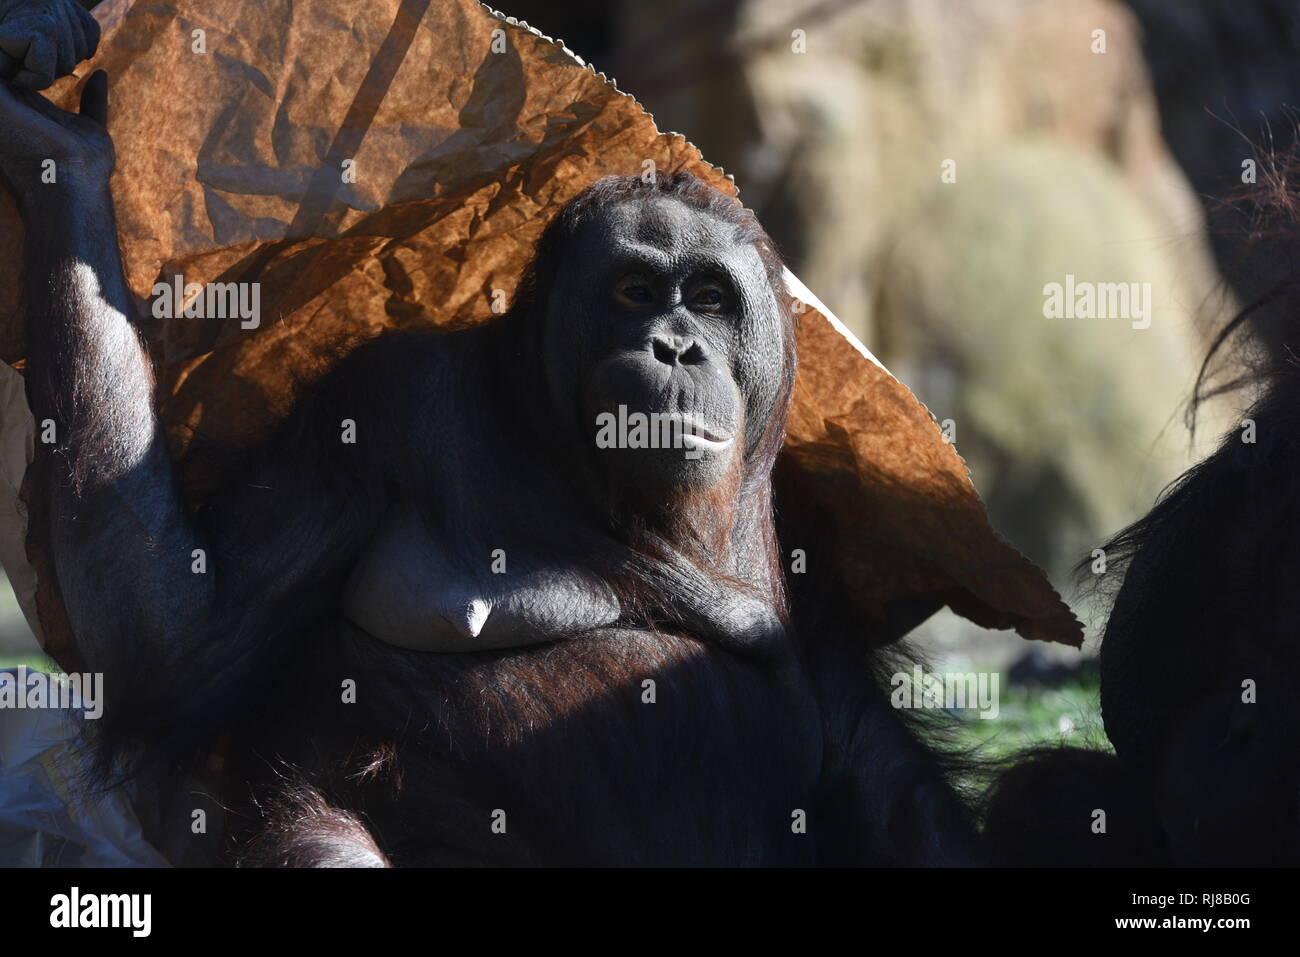 La hembra Borneo orangutan 'Surya' visto que cubre su cabeza con un papel en un soleado día de invierno en el zoológico de Madrid, donde alcanza temperaturas de hasta 17ºC grados durante las horas de la tarde. Imagen De Stock